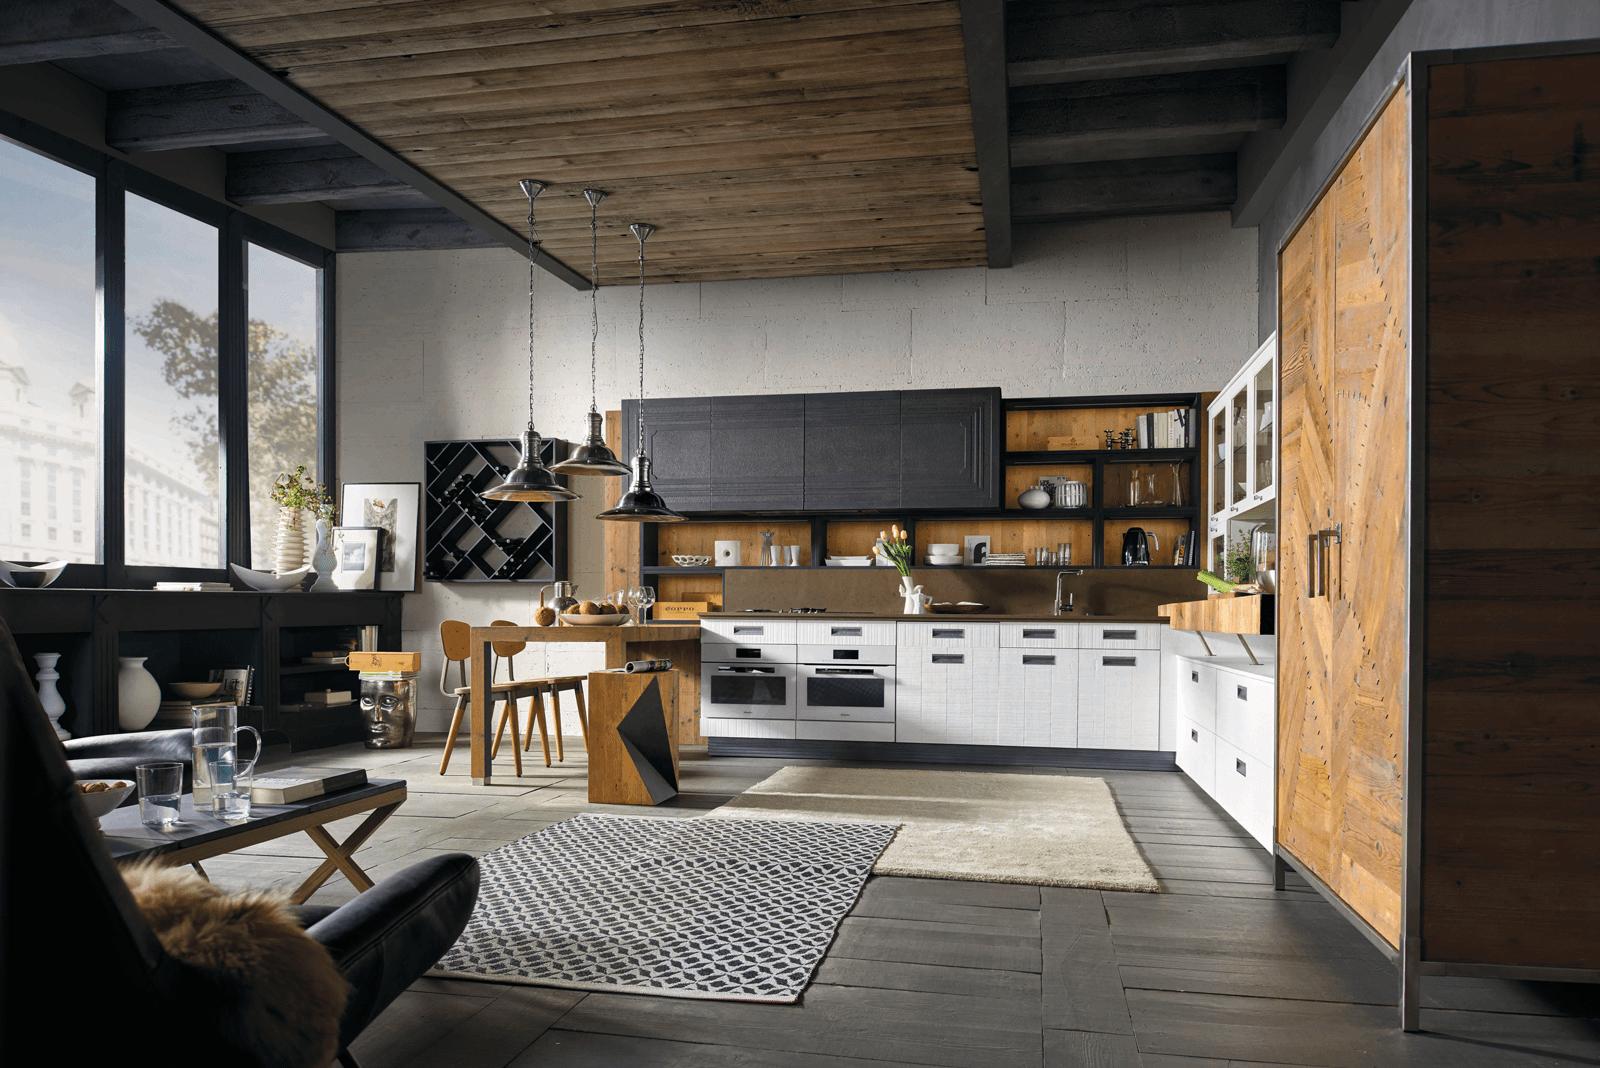 Boiserie attrezzate per le cucine cose di casa - Marchi cucine moderne ...